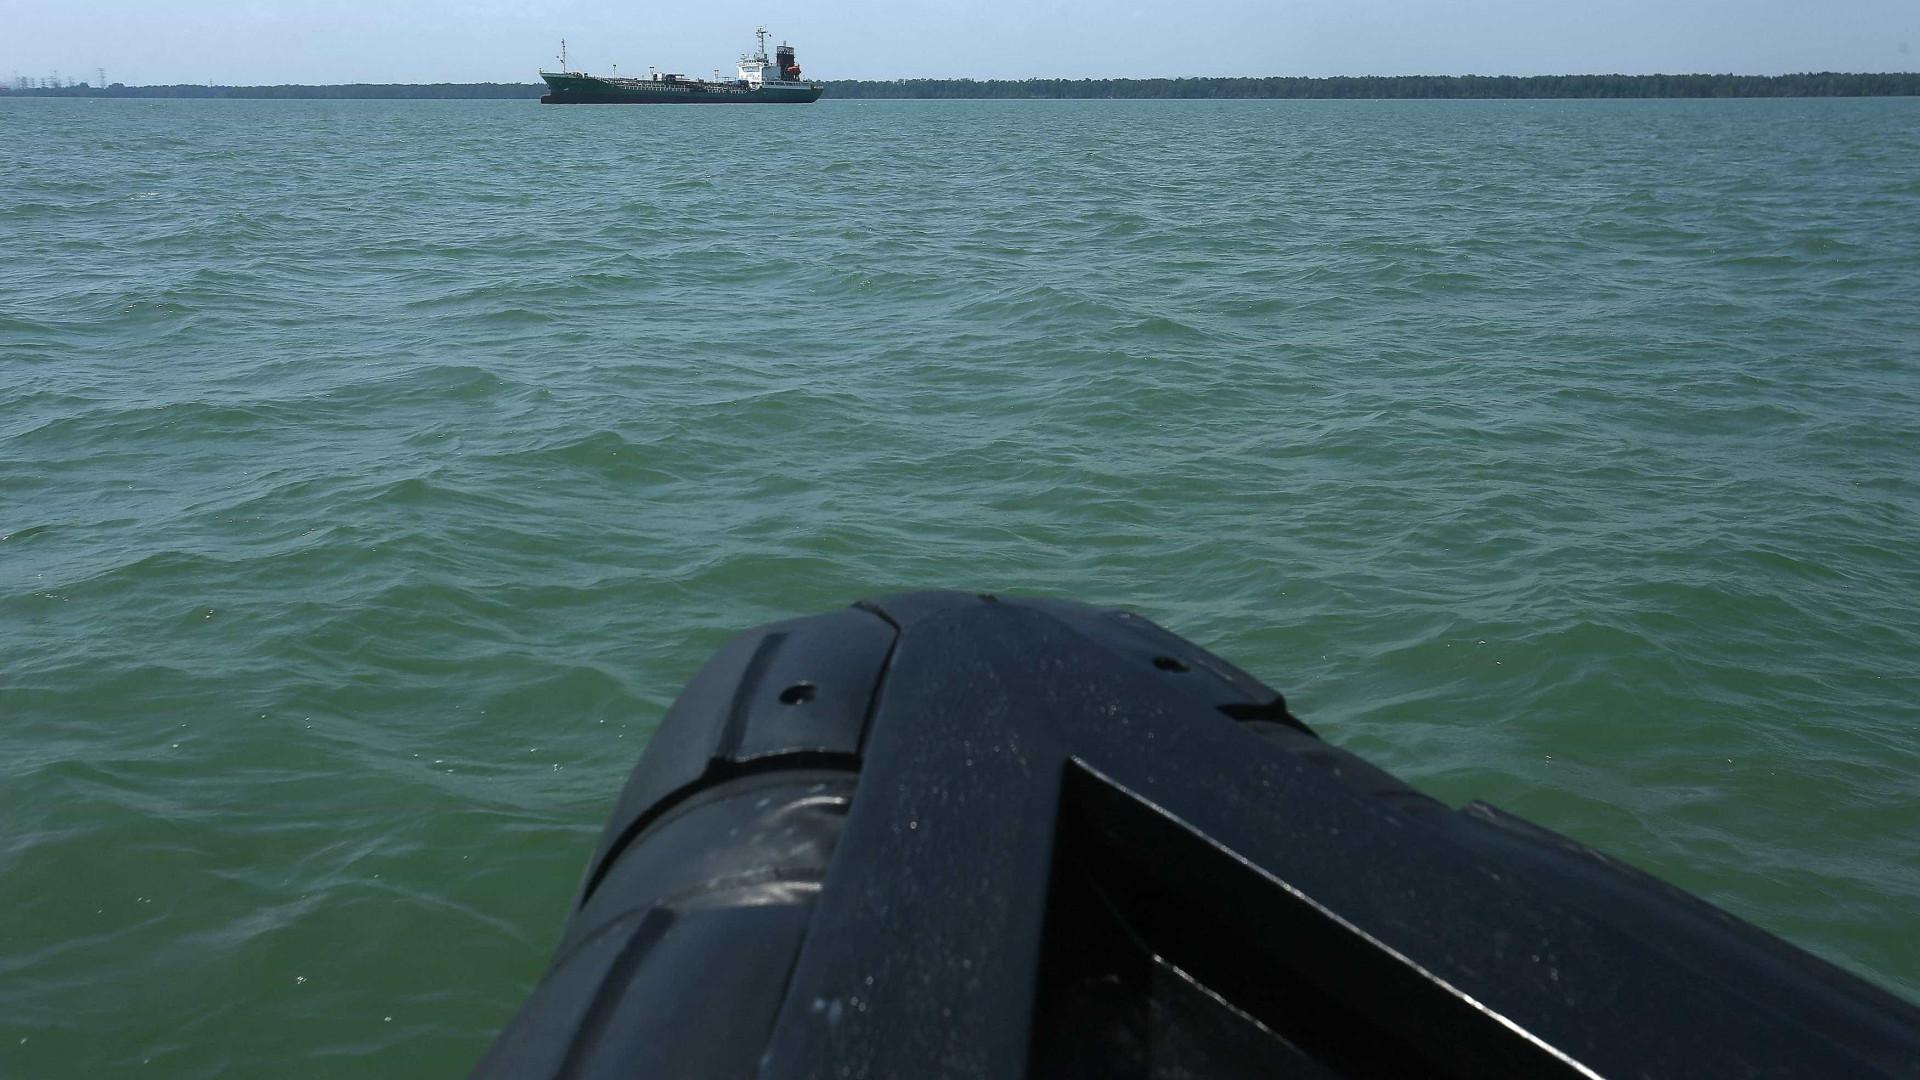 Golfo da Guiné já registou 78 ações de pirataria no primeiro semestre